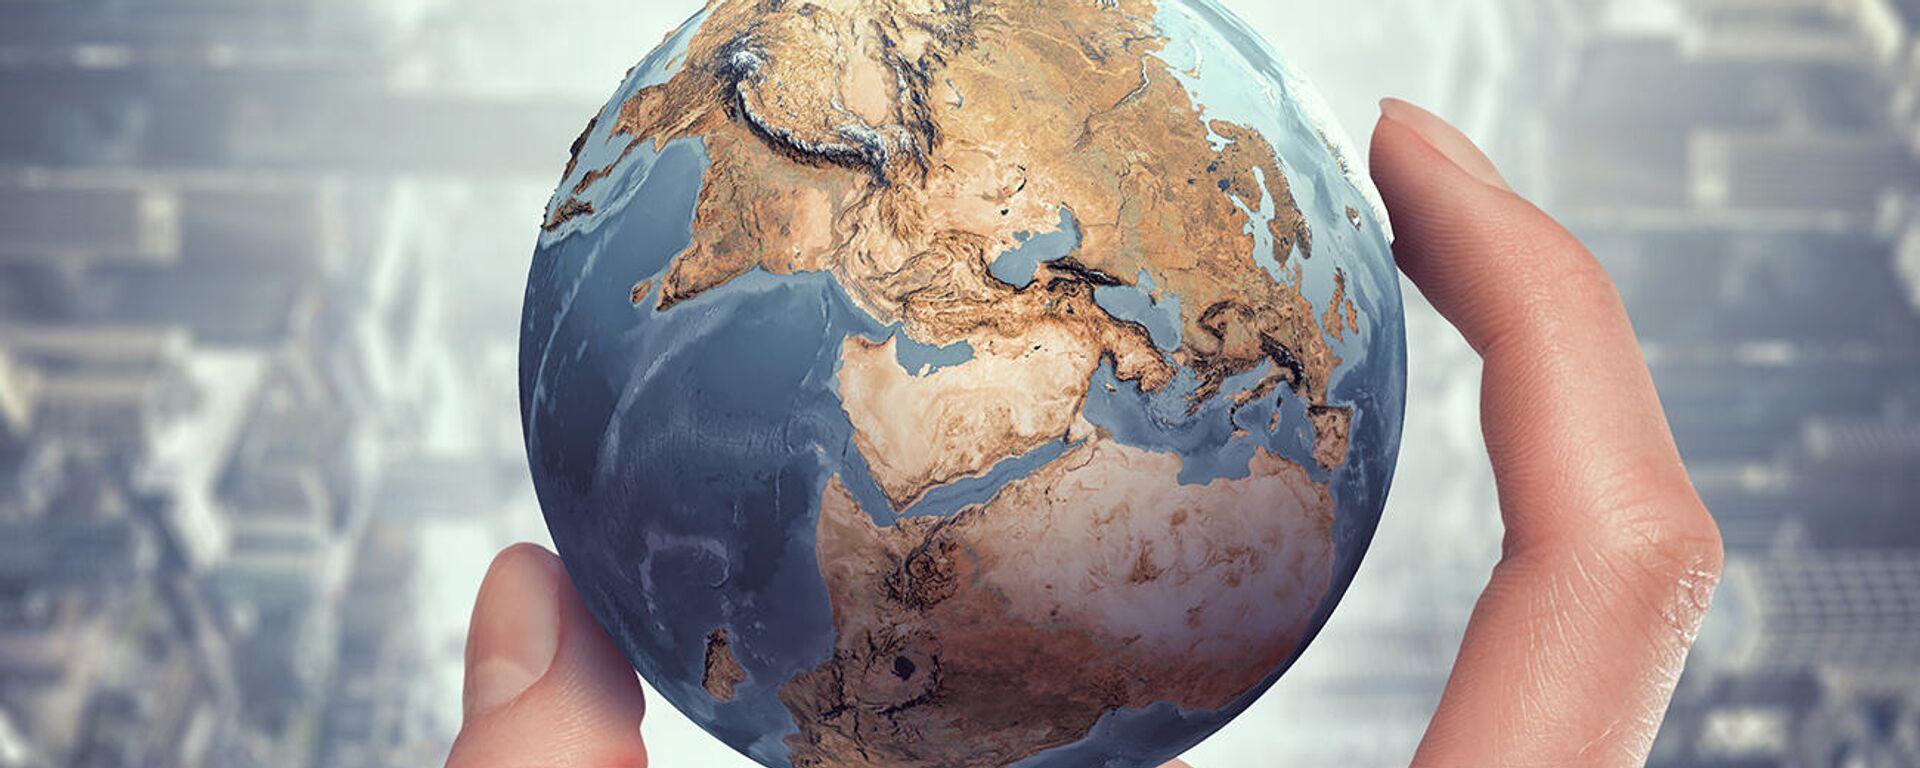 Ecuador: la expectativa y disputa por la presidencia sigue hasta abril - Sputnik Mundo, 1920, 08.02.2021